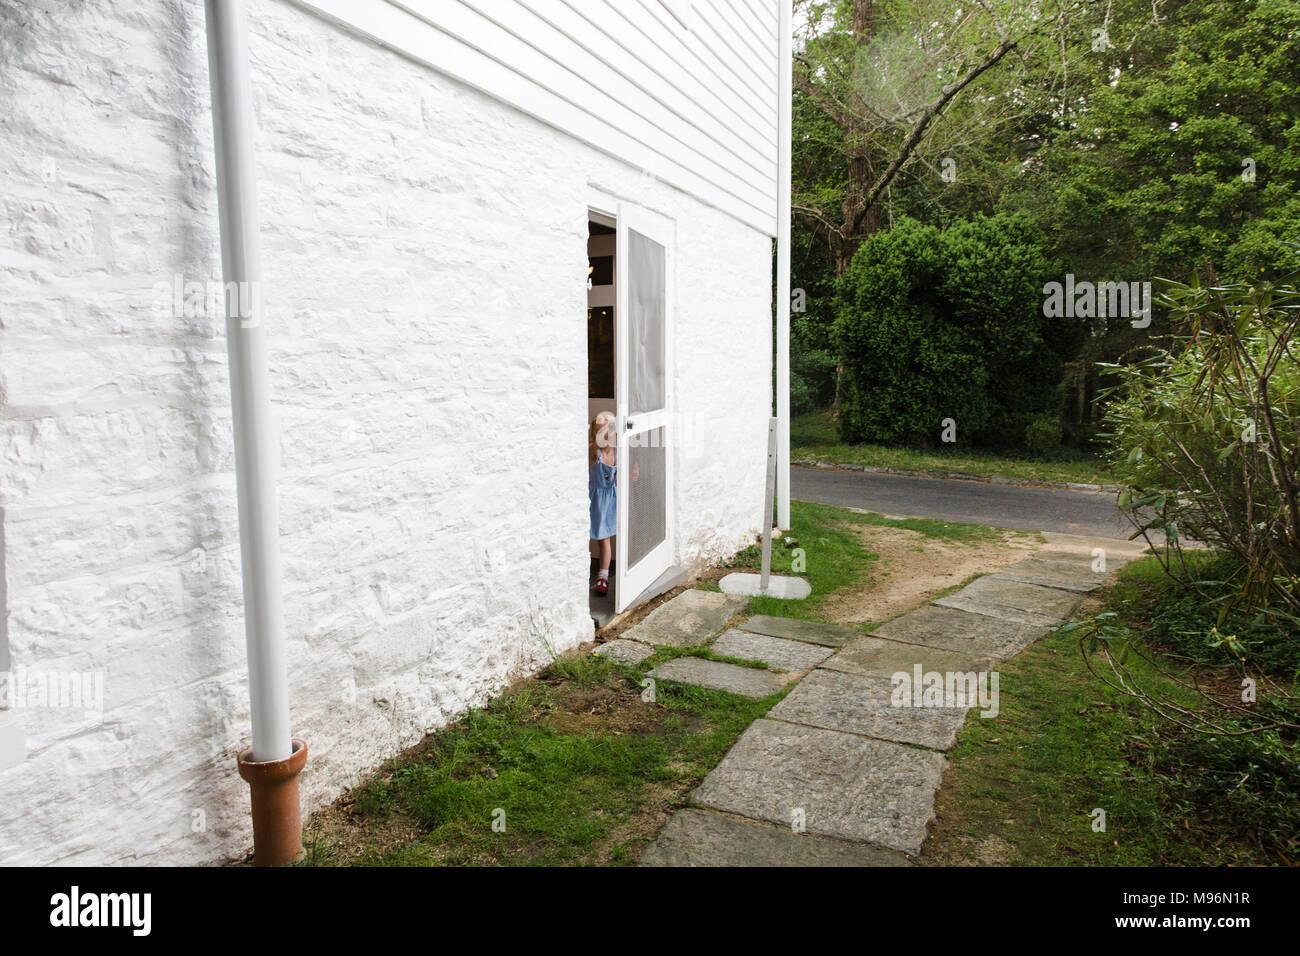 Girl halfway through side door - Stock Image